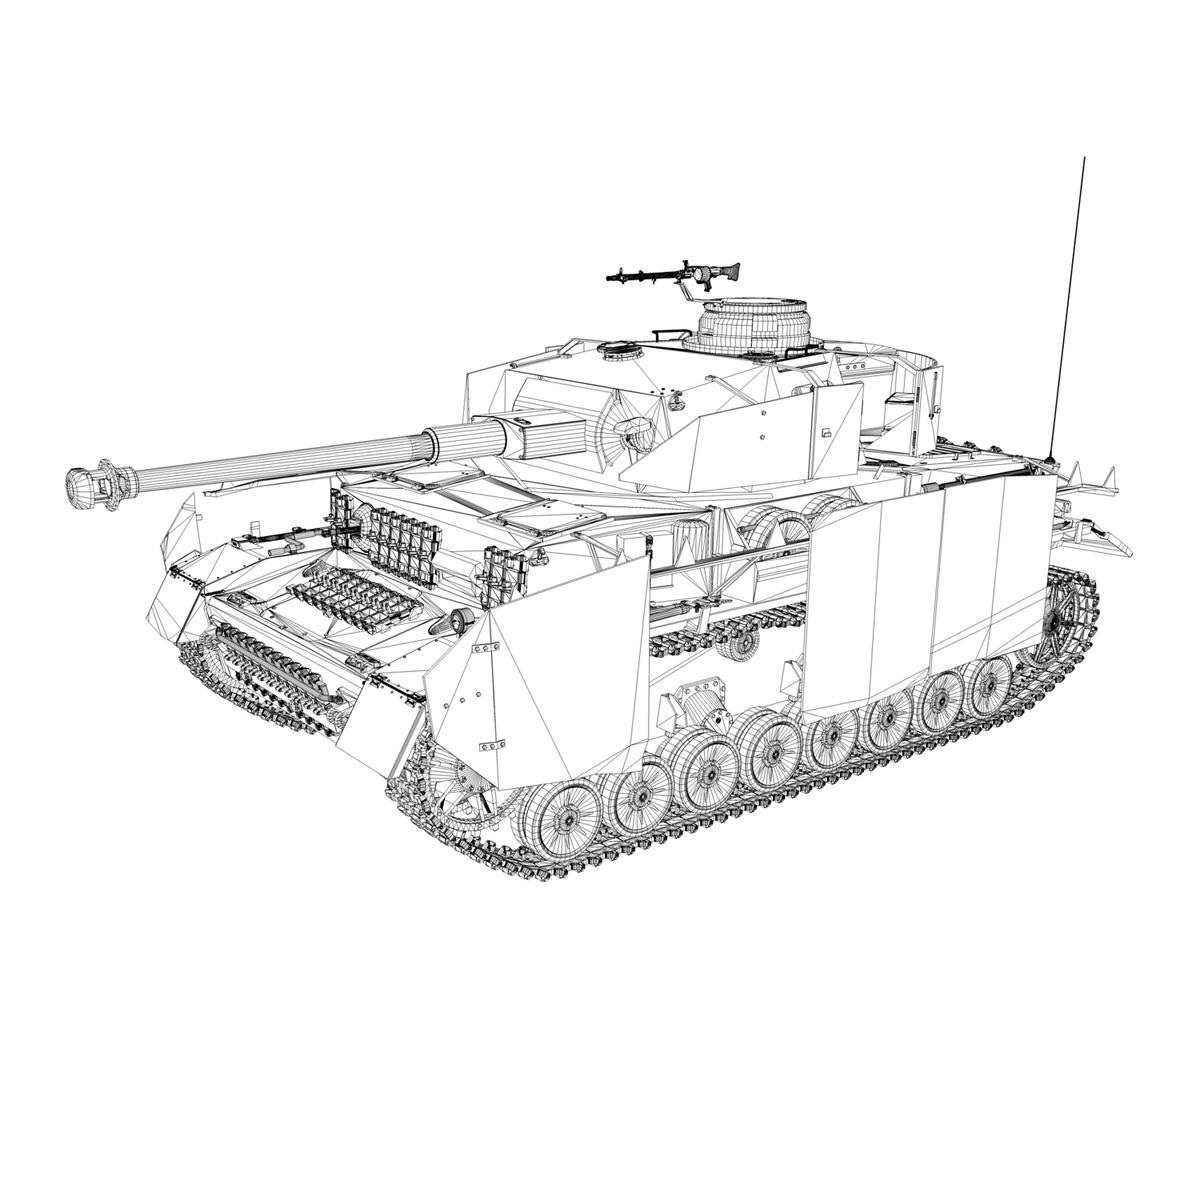 sd.kfz 161 pzkpfw iv panzer 4 ausf.h late 3d model 3ds fbx c4d lwo obj 190348